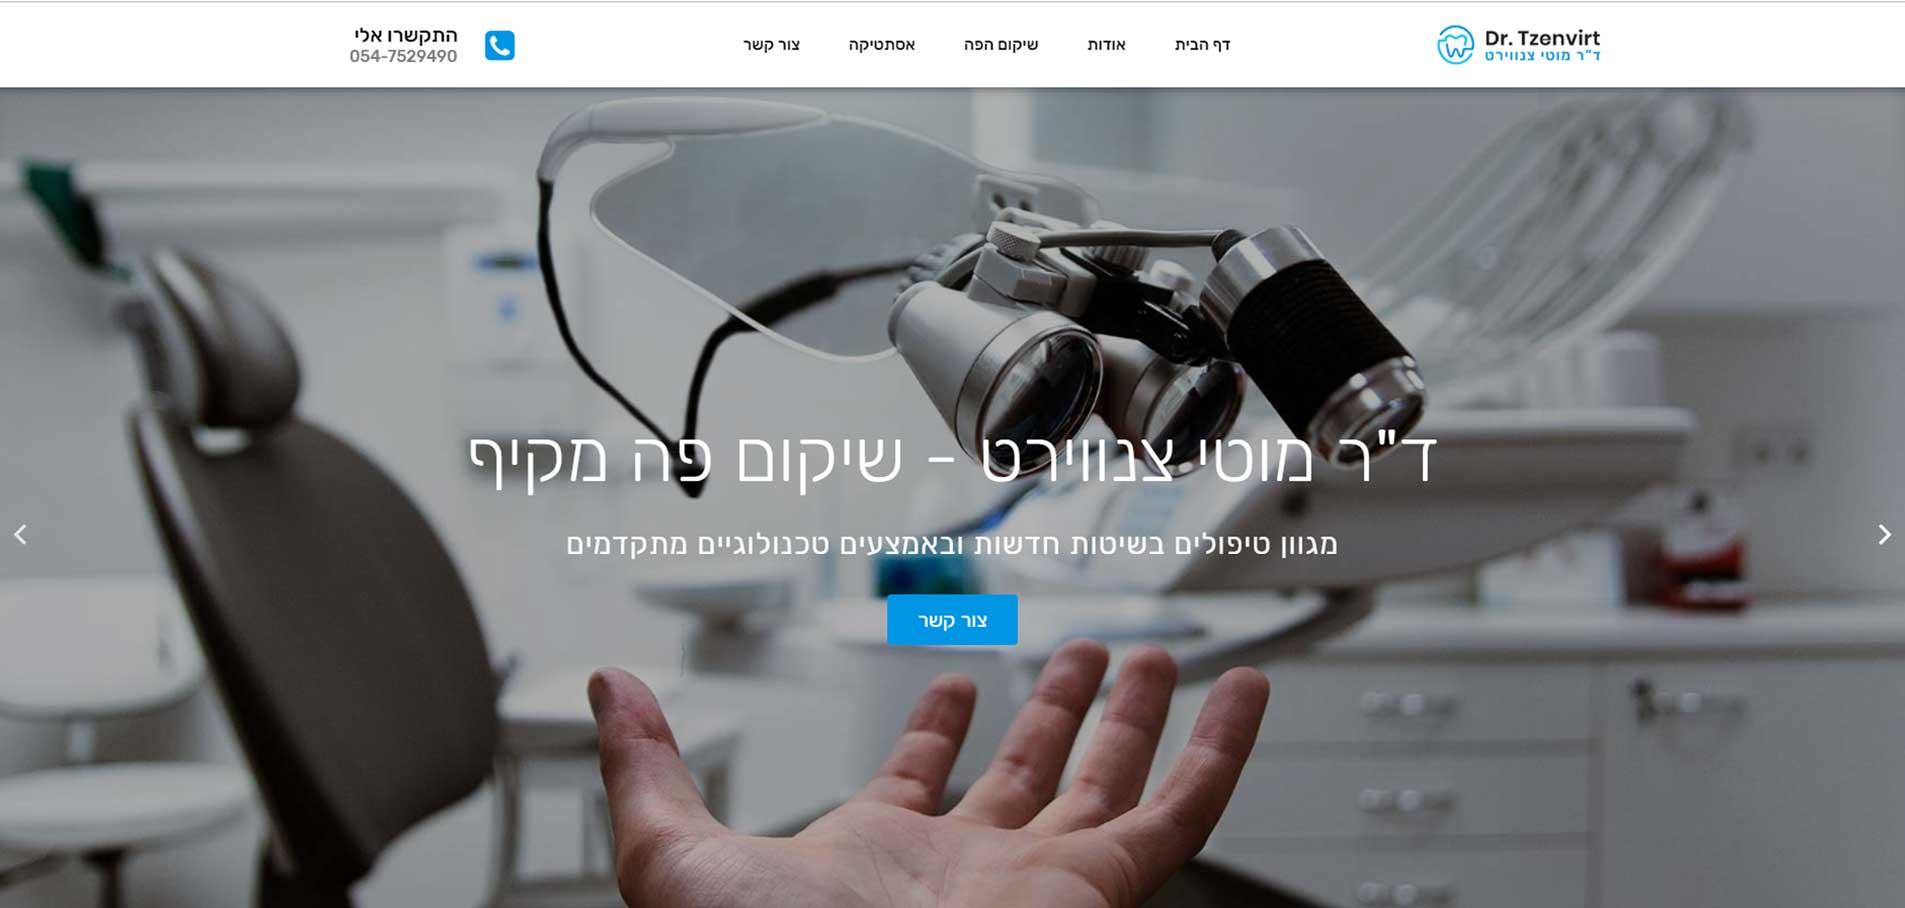 DR. MOTI TZENVIRT homepage